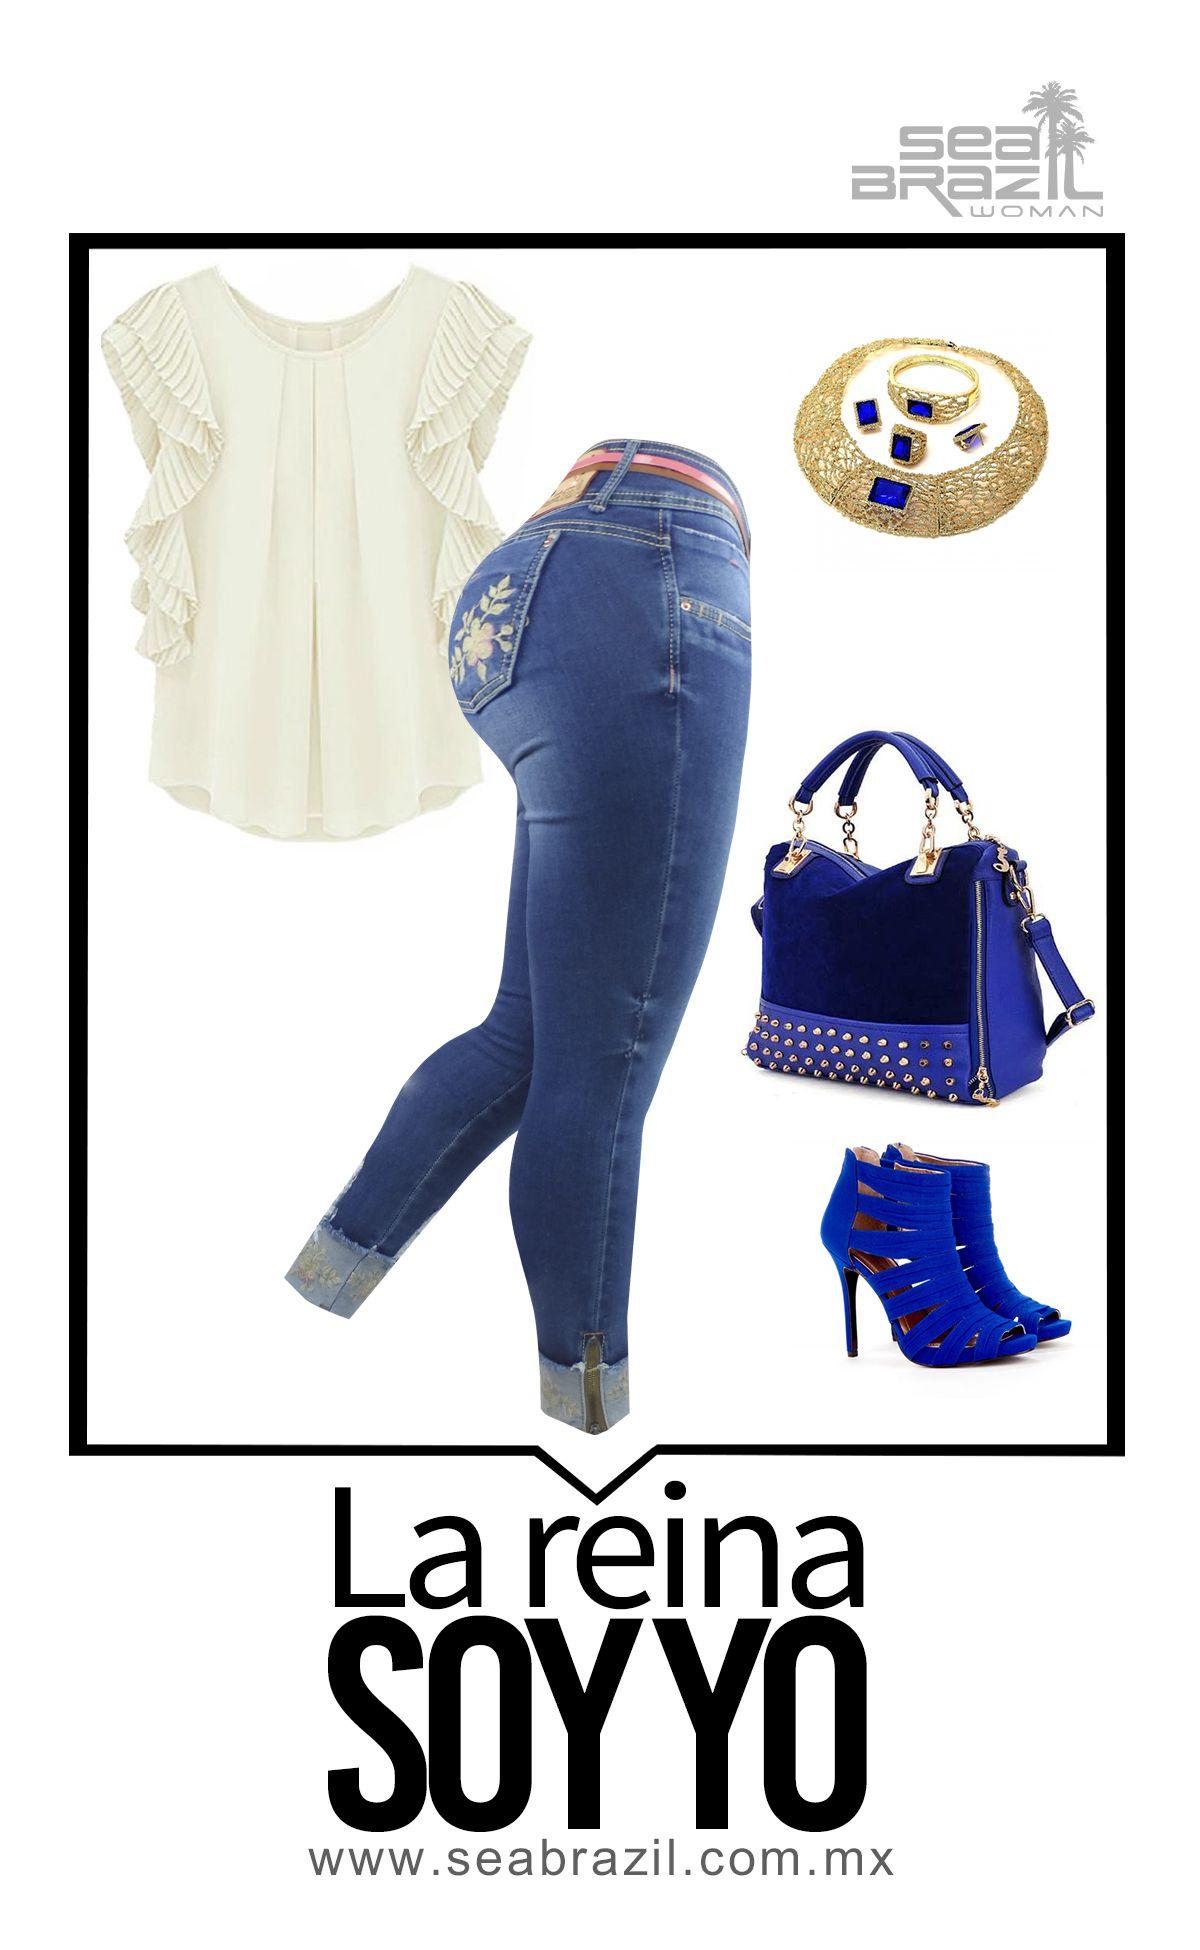 Esta Combinación Con El Azul Rey Y El Dorado Nos Hace Sentirnos Como Unas Reinas Te Atreves A Llevarlo Puesto Seabrazil Jeans Moda Facil Moda Fashionista